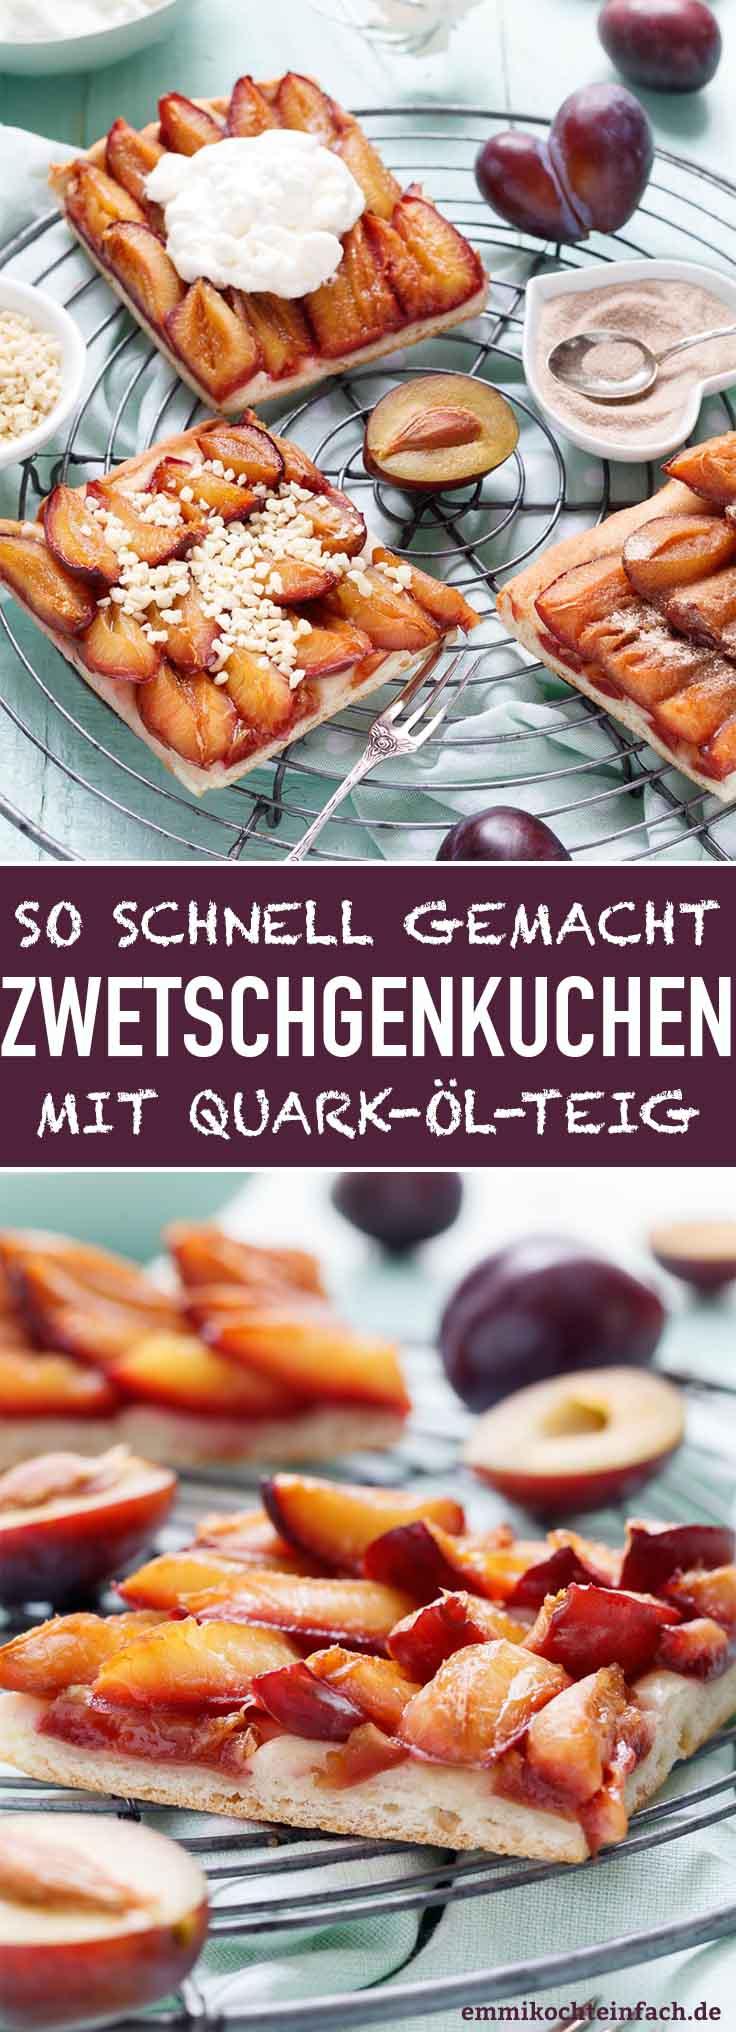 Schneller Zwetschgenkuchen mit Quark-Öl-Teig - www.emmikochteinfach.de